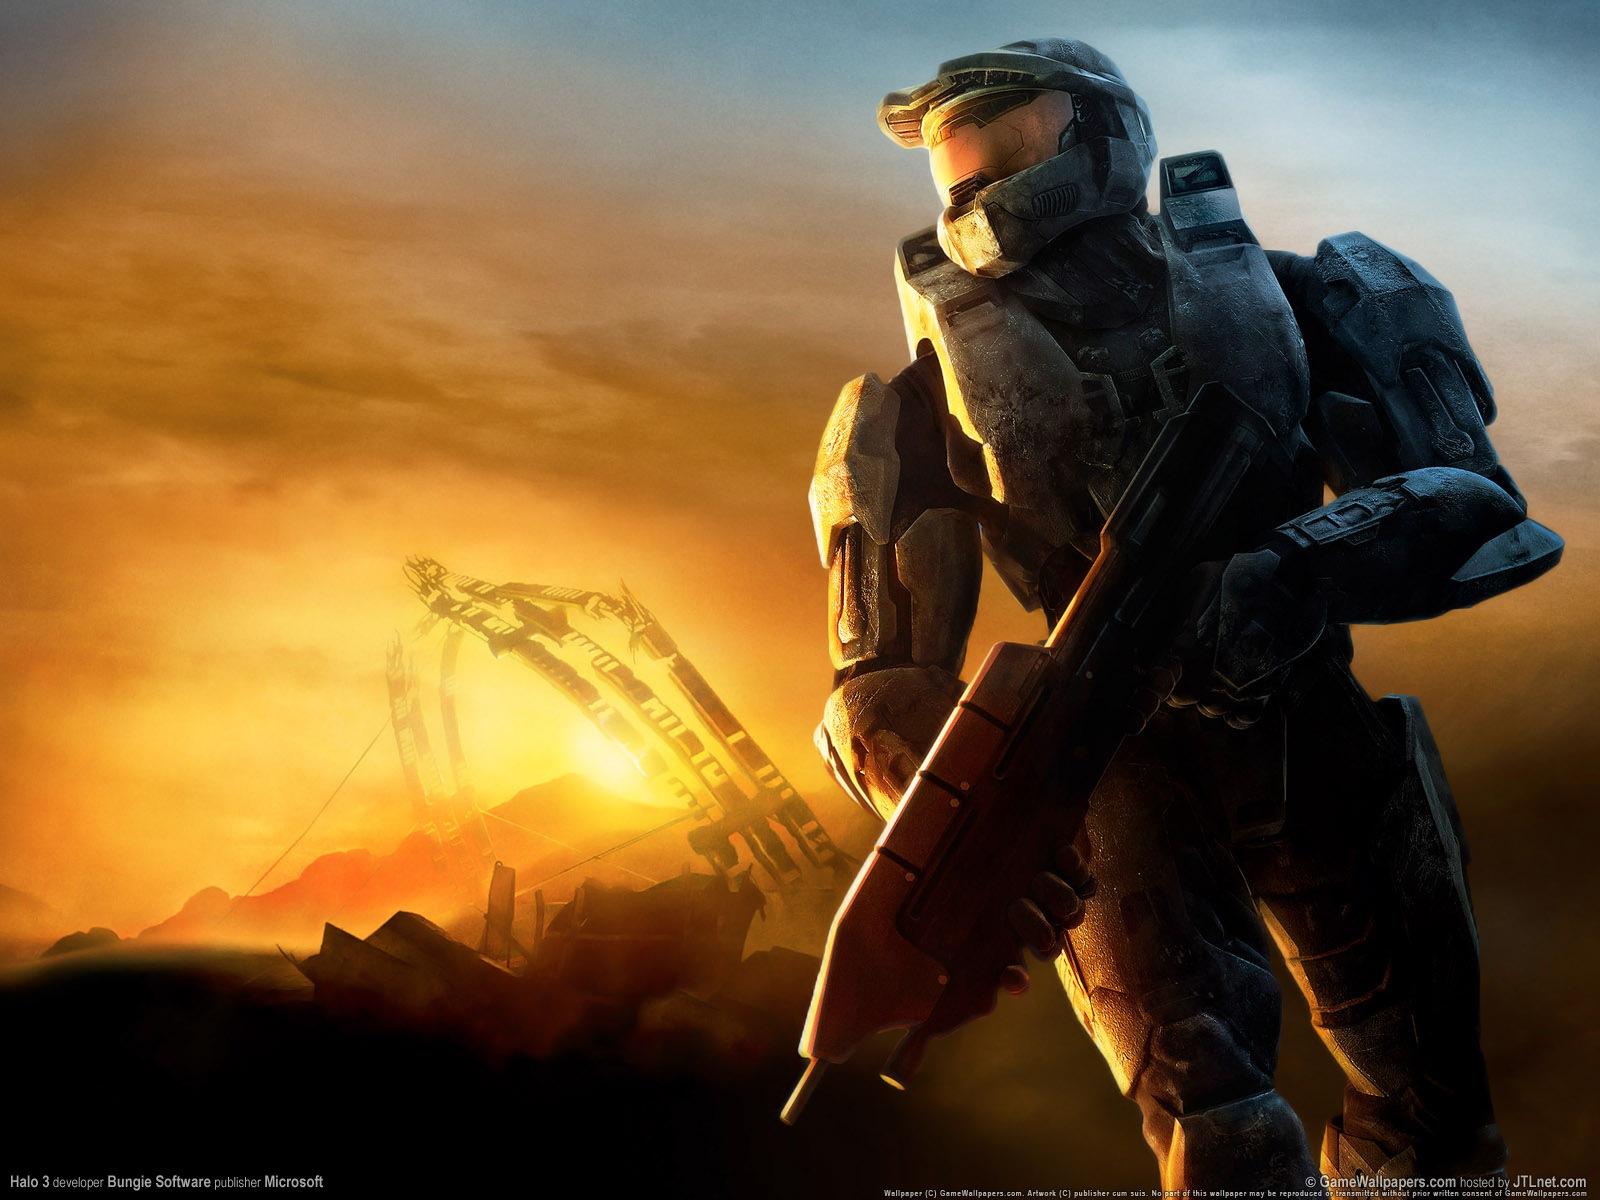 http://1.bp.blogspot.com/-CNJNy2H34rY/TkdXk_VXDrI/AAAAAAAAAEM/4T5-u8yI-m4/s1600/Halo_wallpaper.jpg